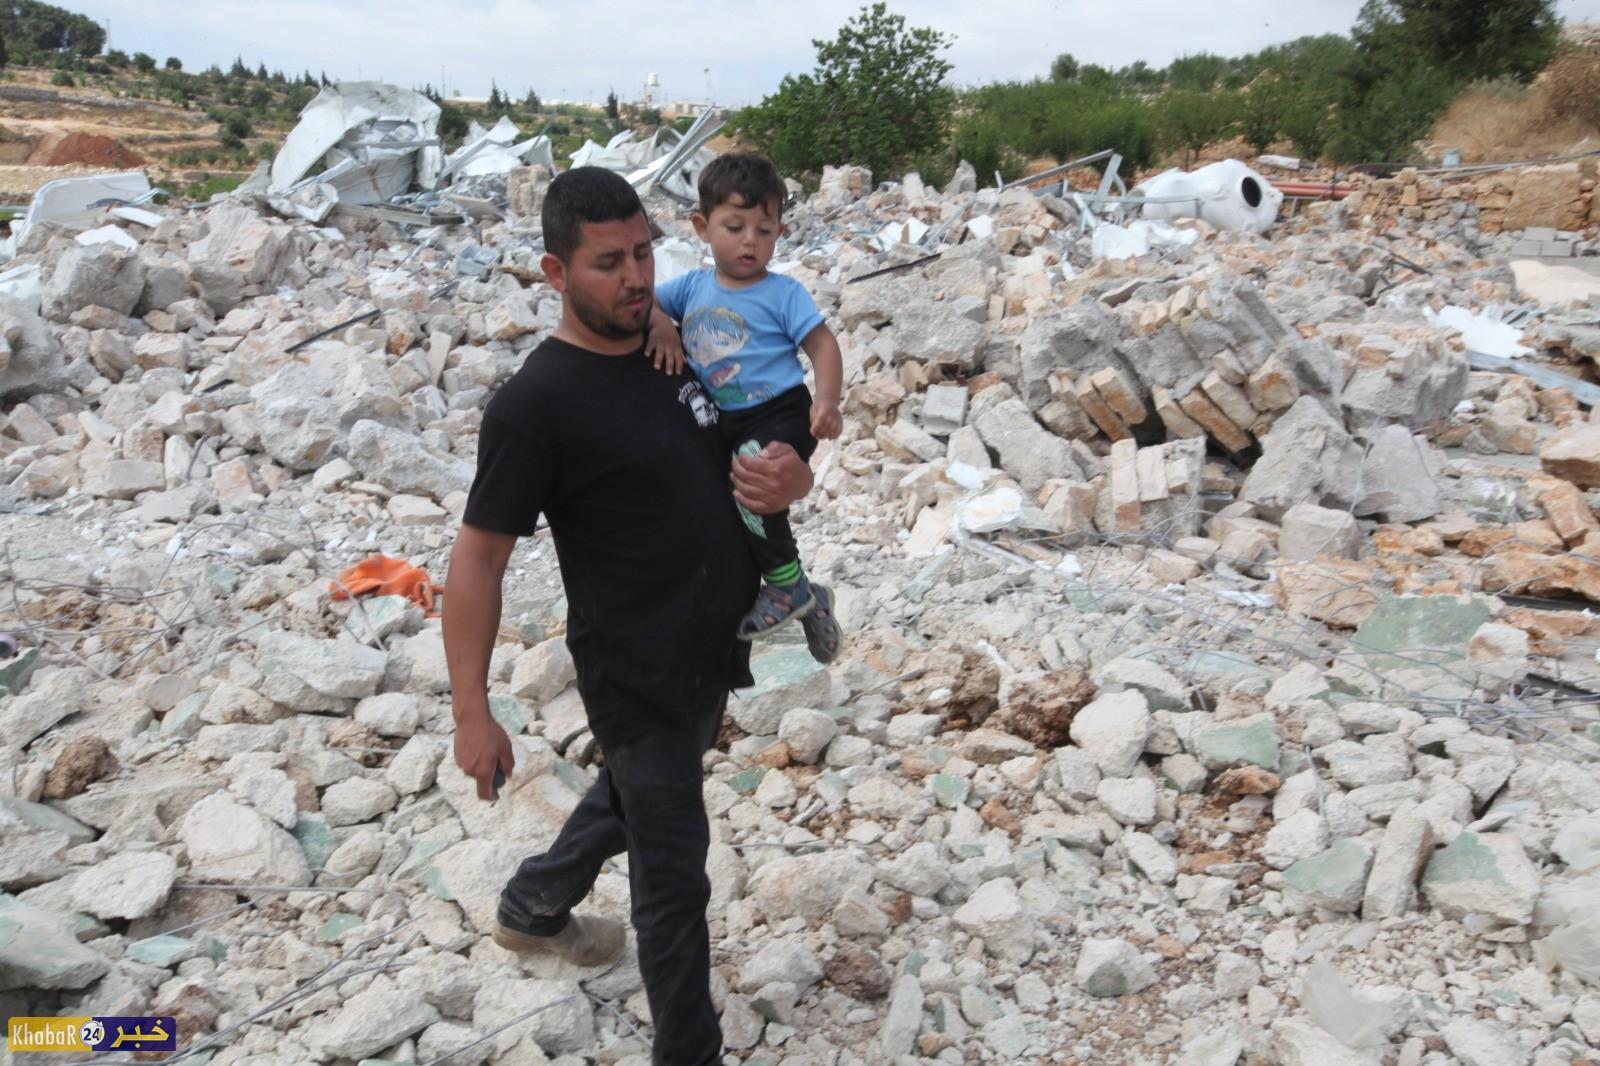 الاحتلال يهدم منزل ويوزعاخطارات بالهدم في بيت أمر ويطا بمحافظة الخليل